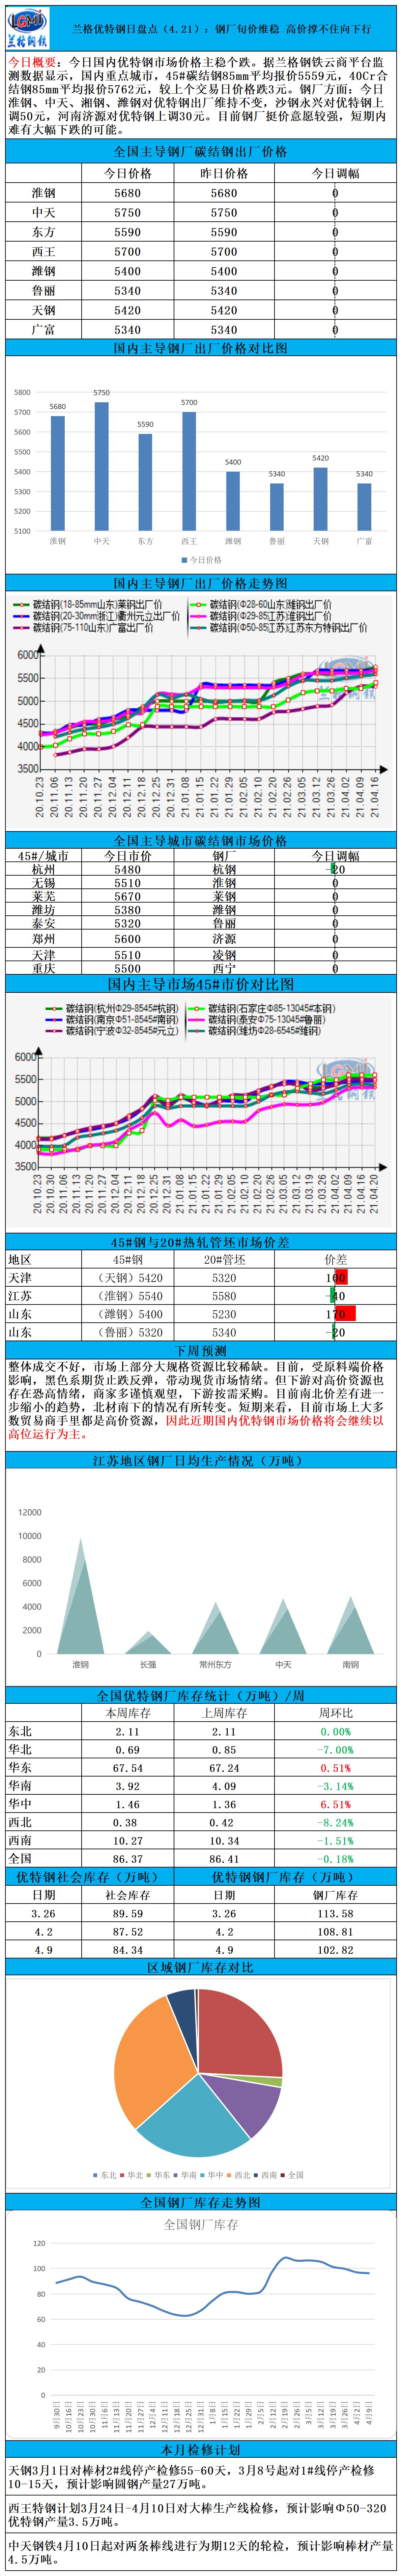 兰格优特钢日盘点(4.21):钢厂旬价维稳 高价撑不住向下行